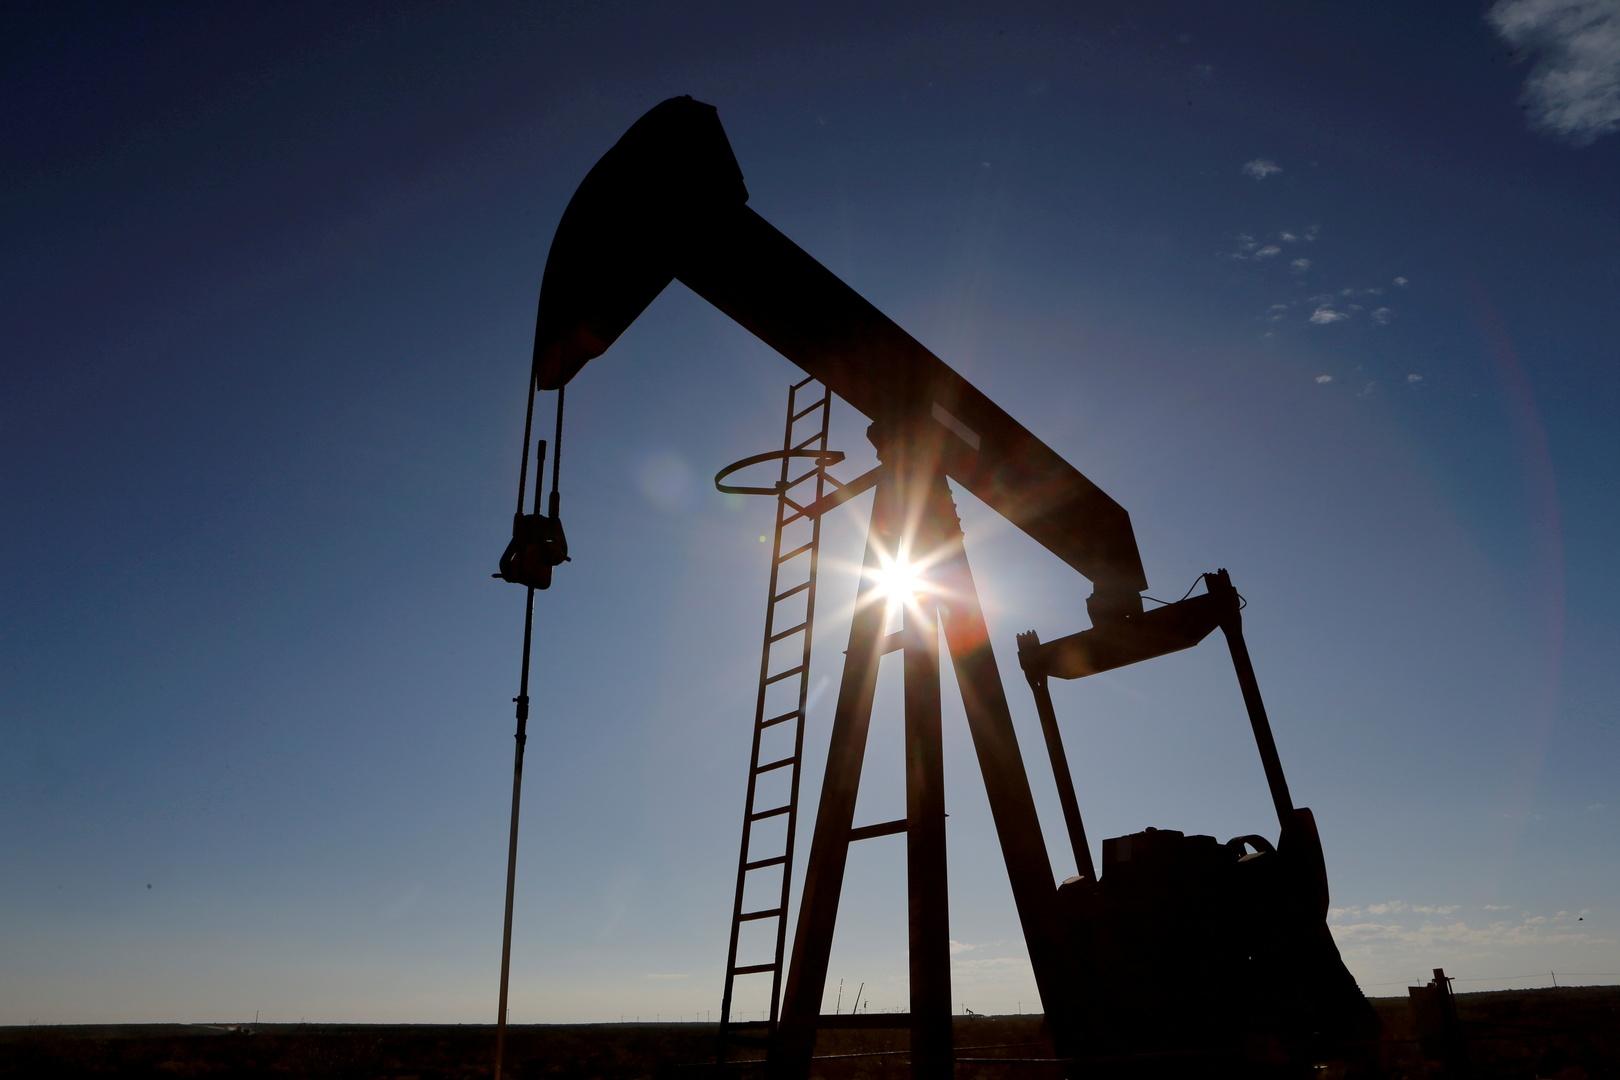 بعد ارتفاع قوي.. أسعار النفط تتباين